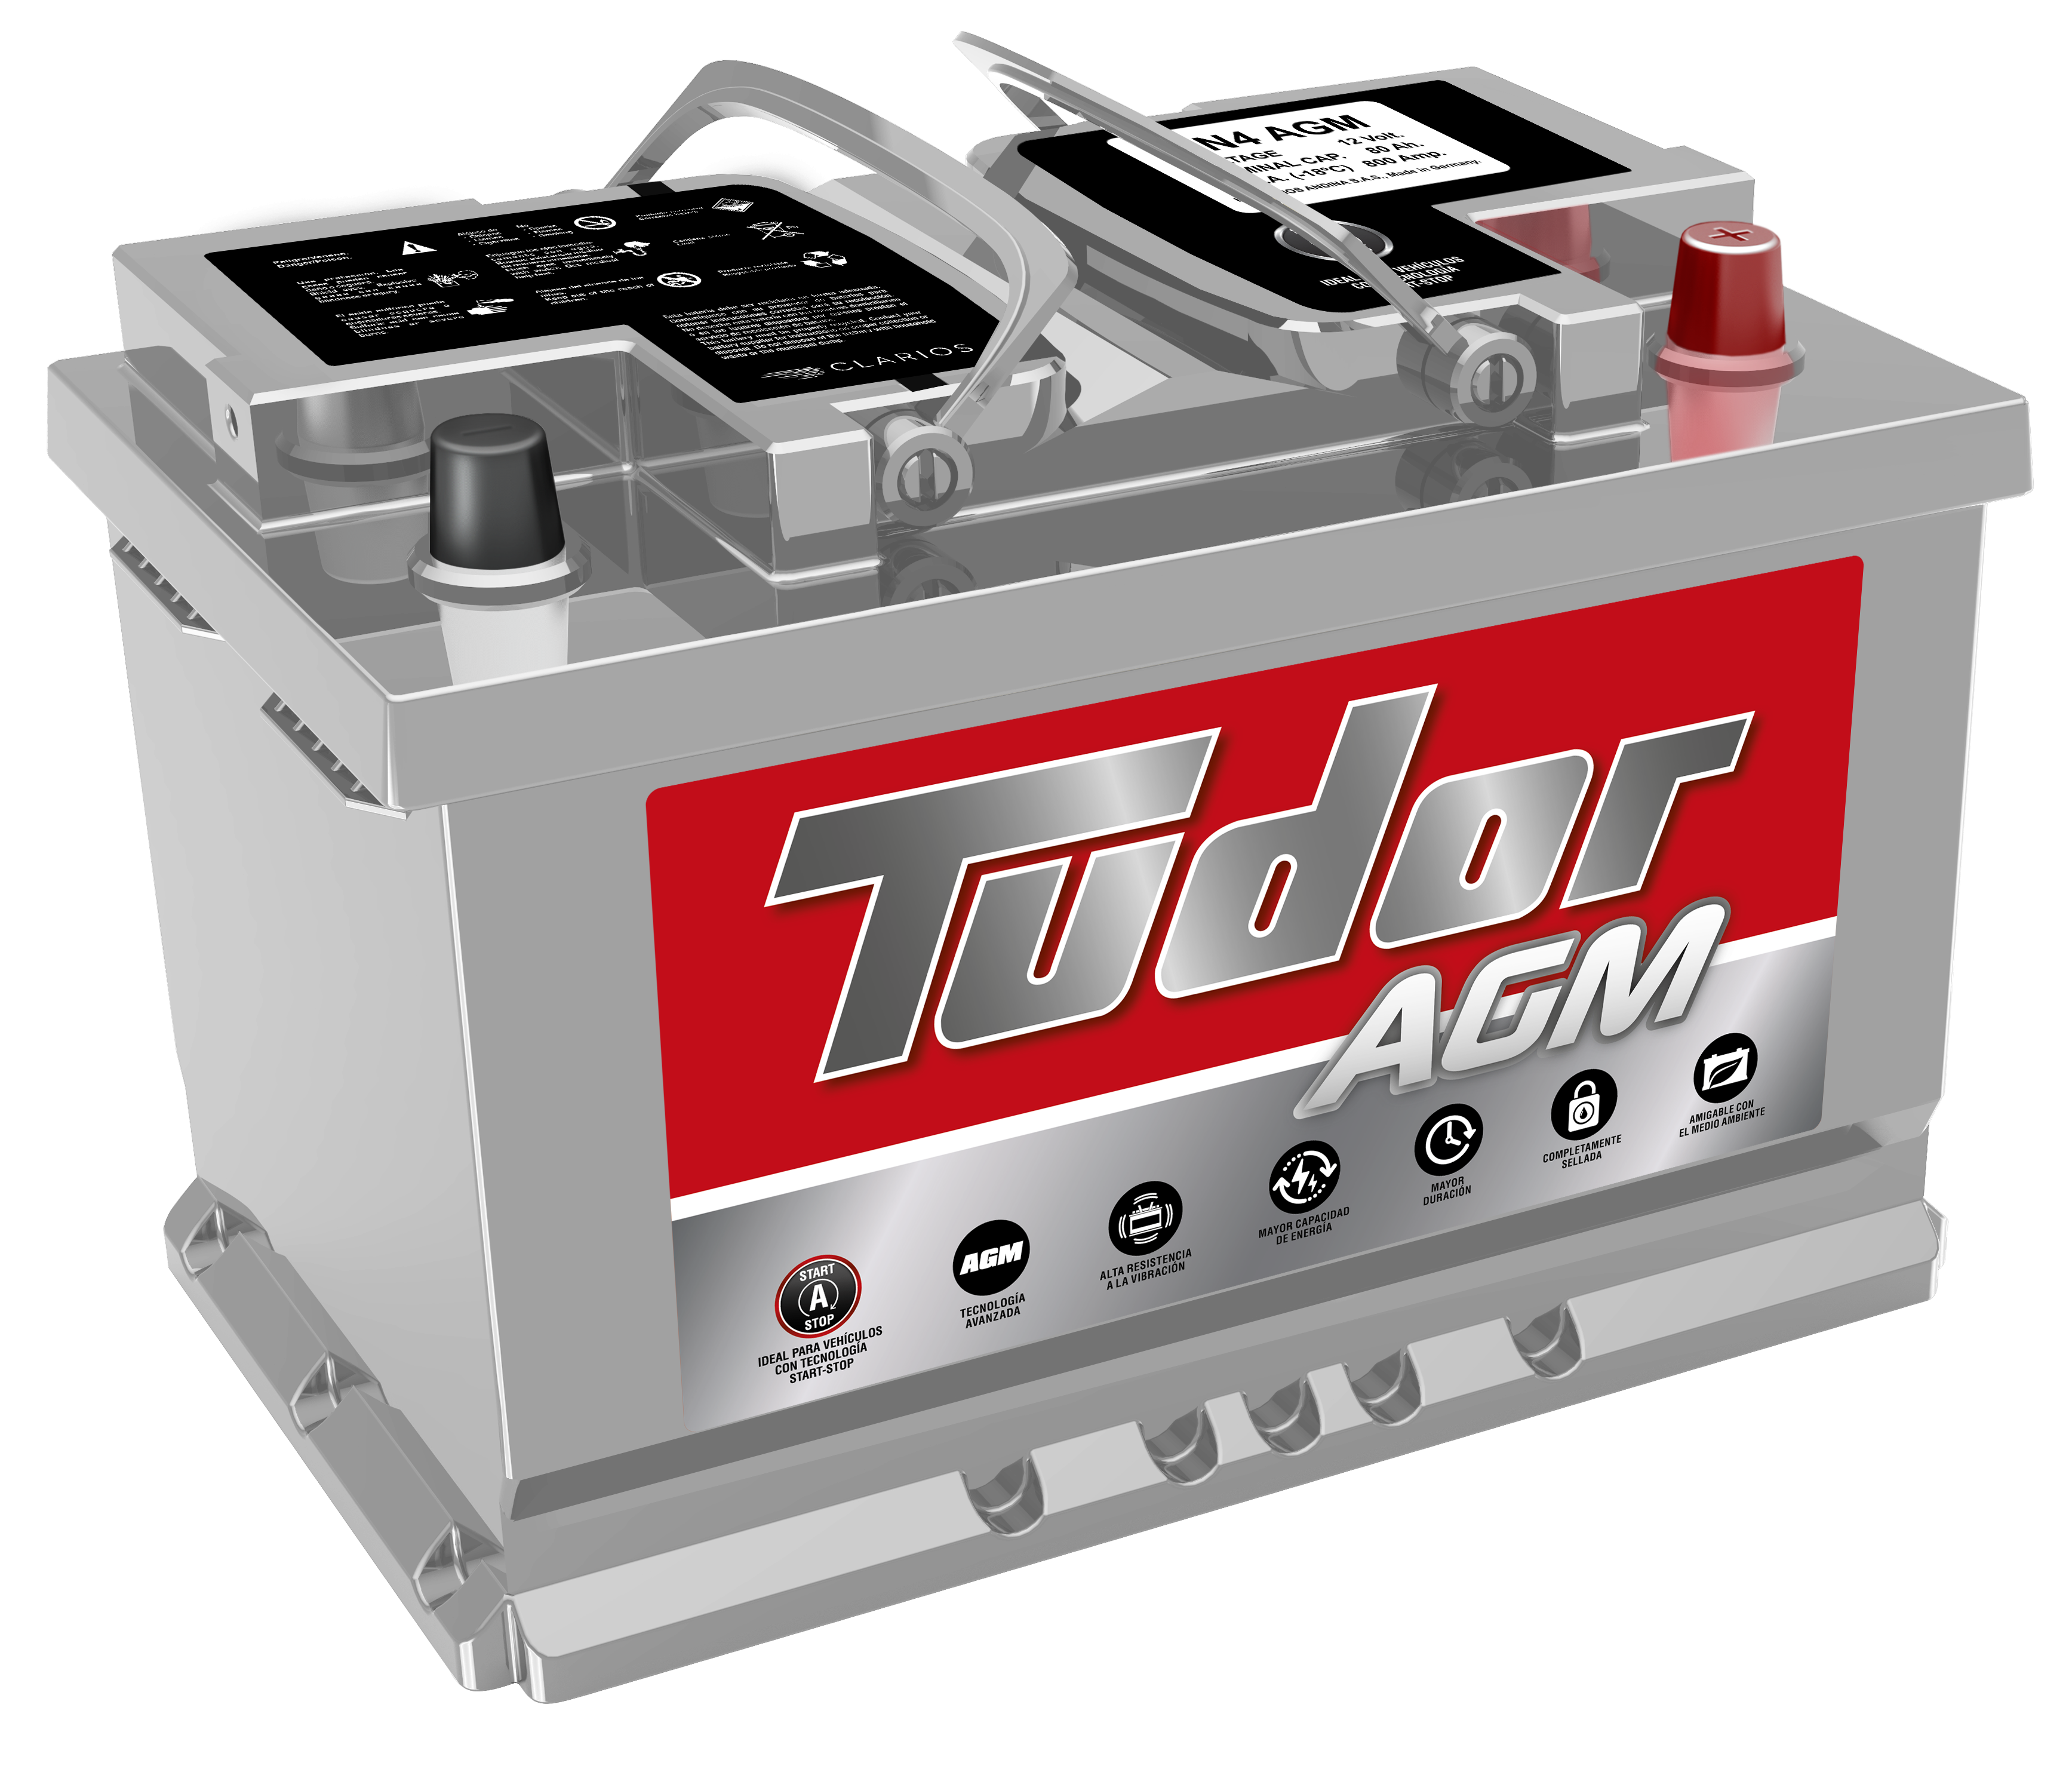 Batería Tudor LN3-T AGM Domicilio gratis